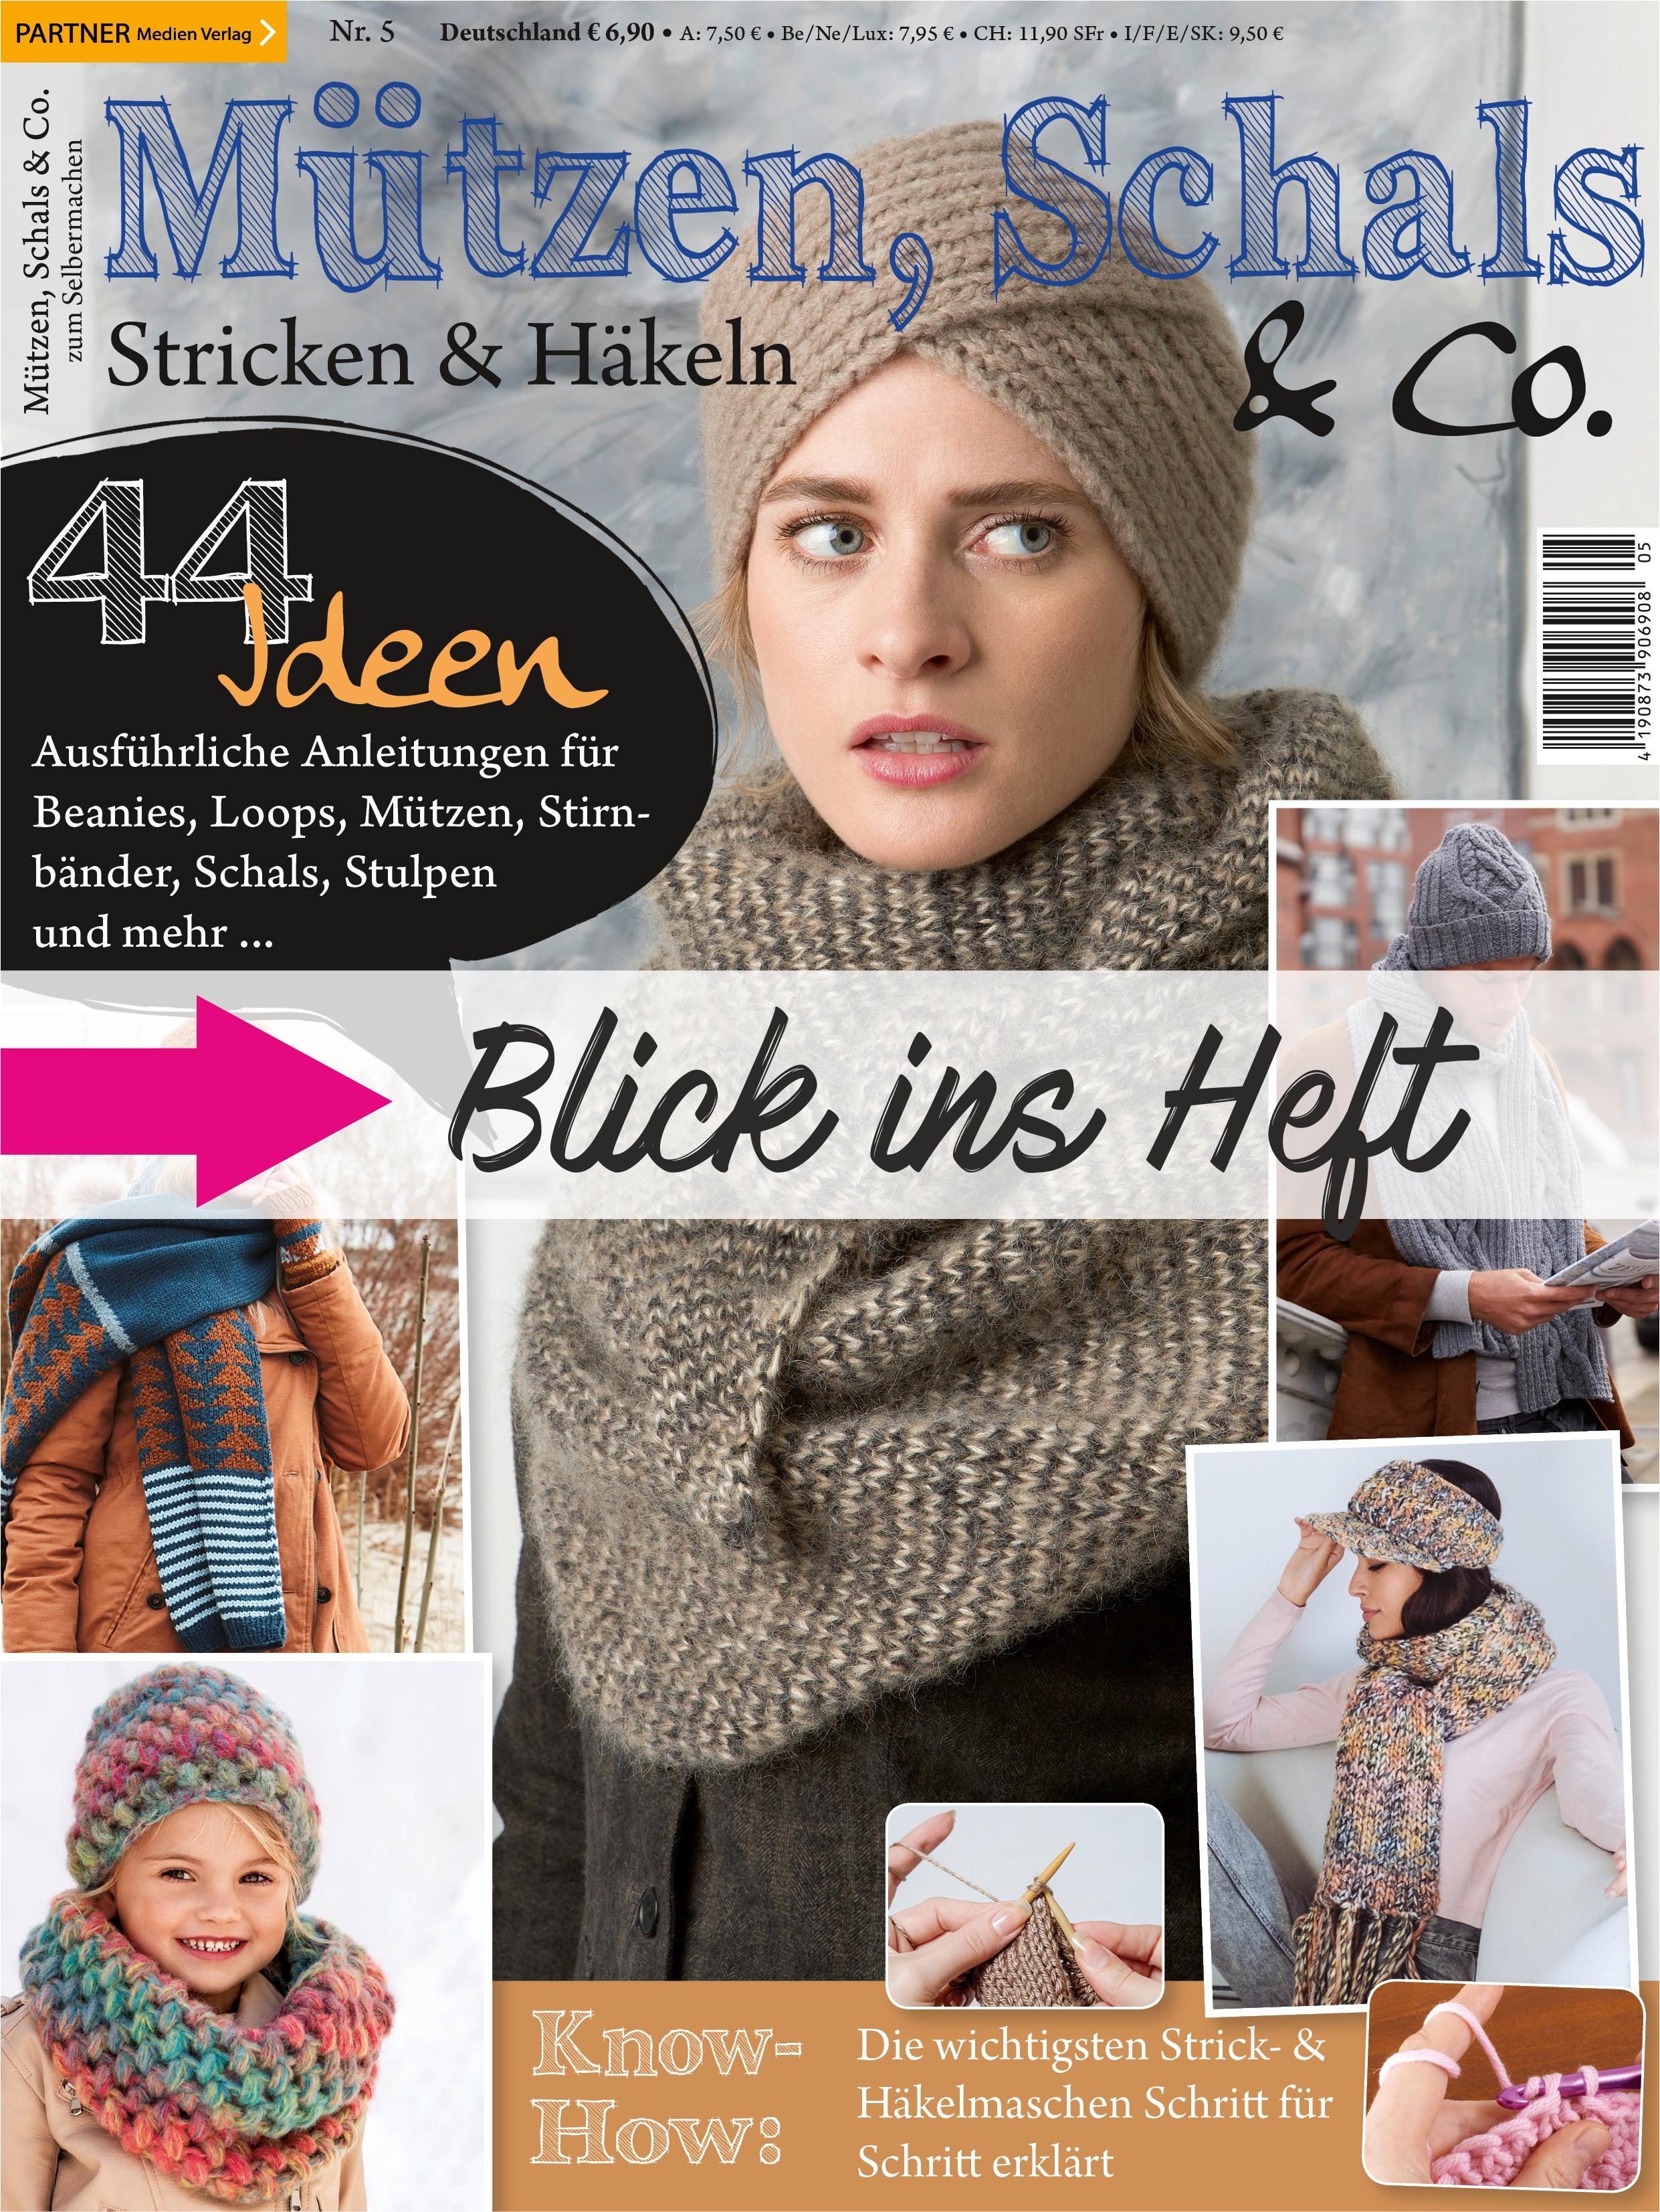 Partner Medien Verlag Mützen Schals Co